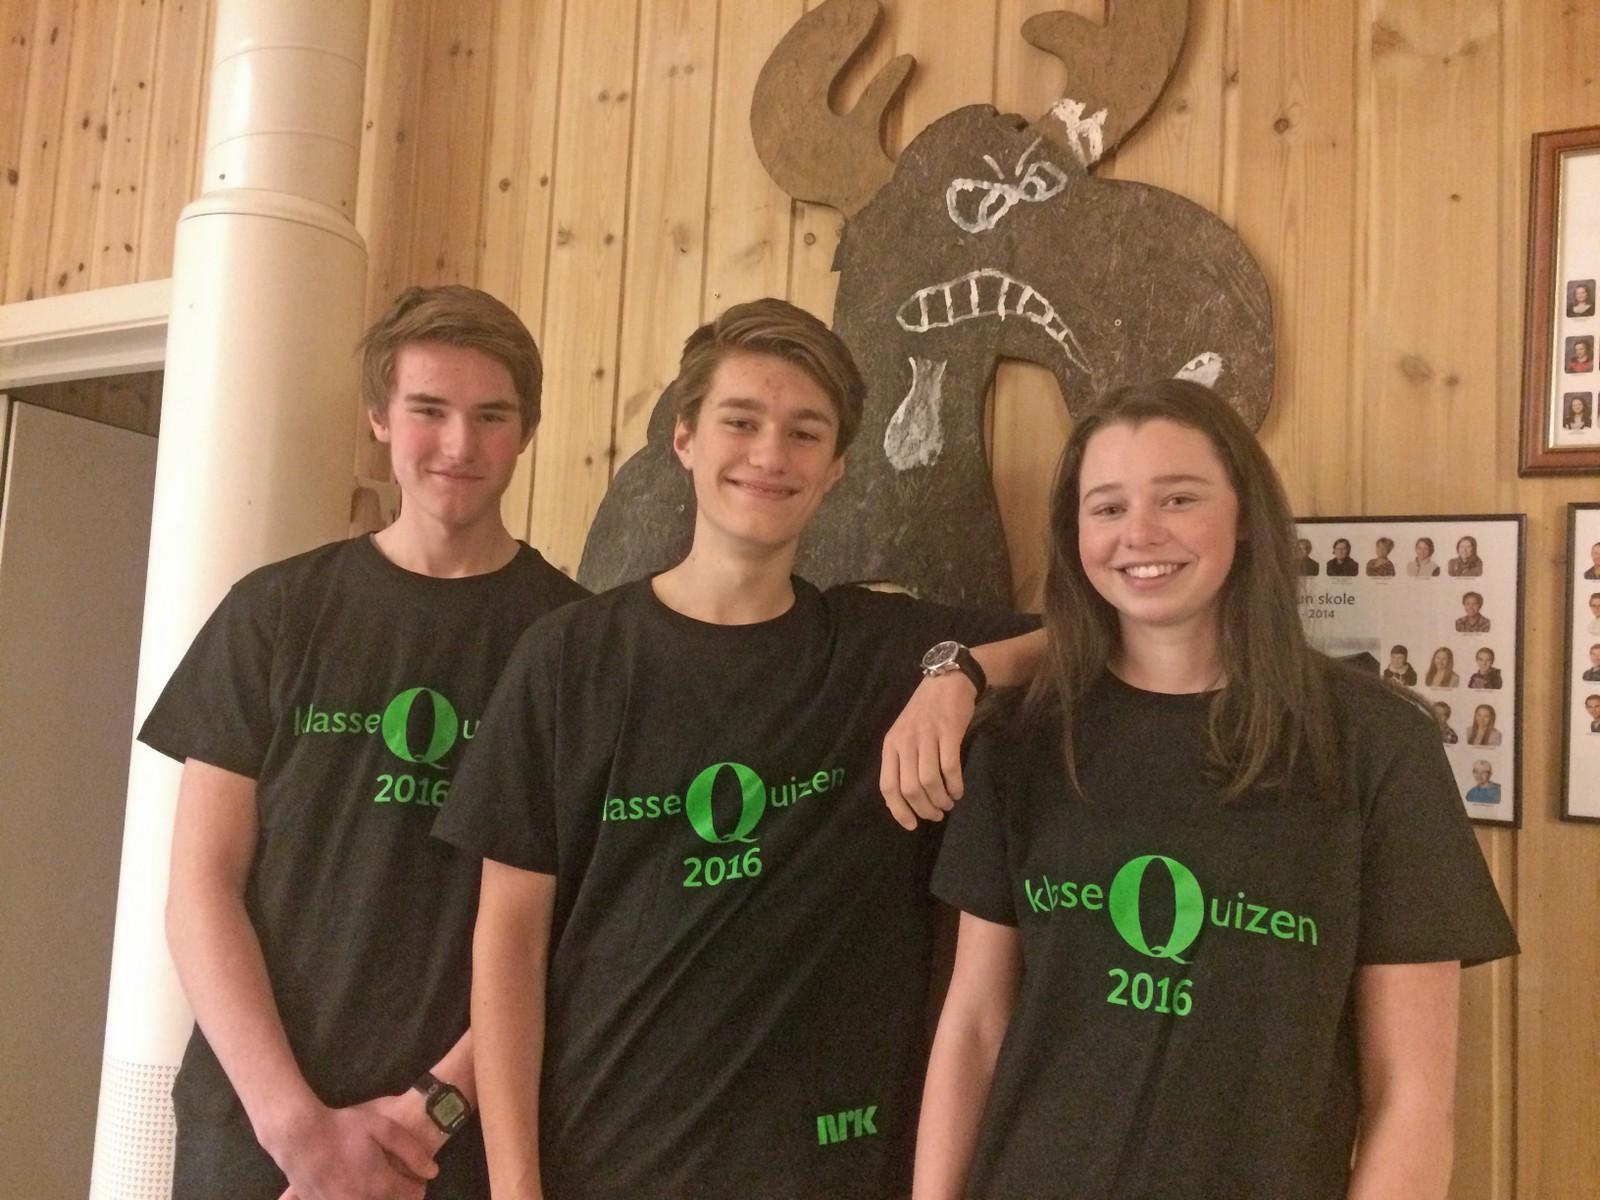 Egil Nytrøen, Ola Bakkom og Marit Stenersen fra Fagertun skole i Rendalen fikk ti rette i Klassequizen.